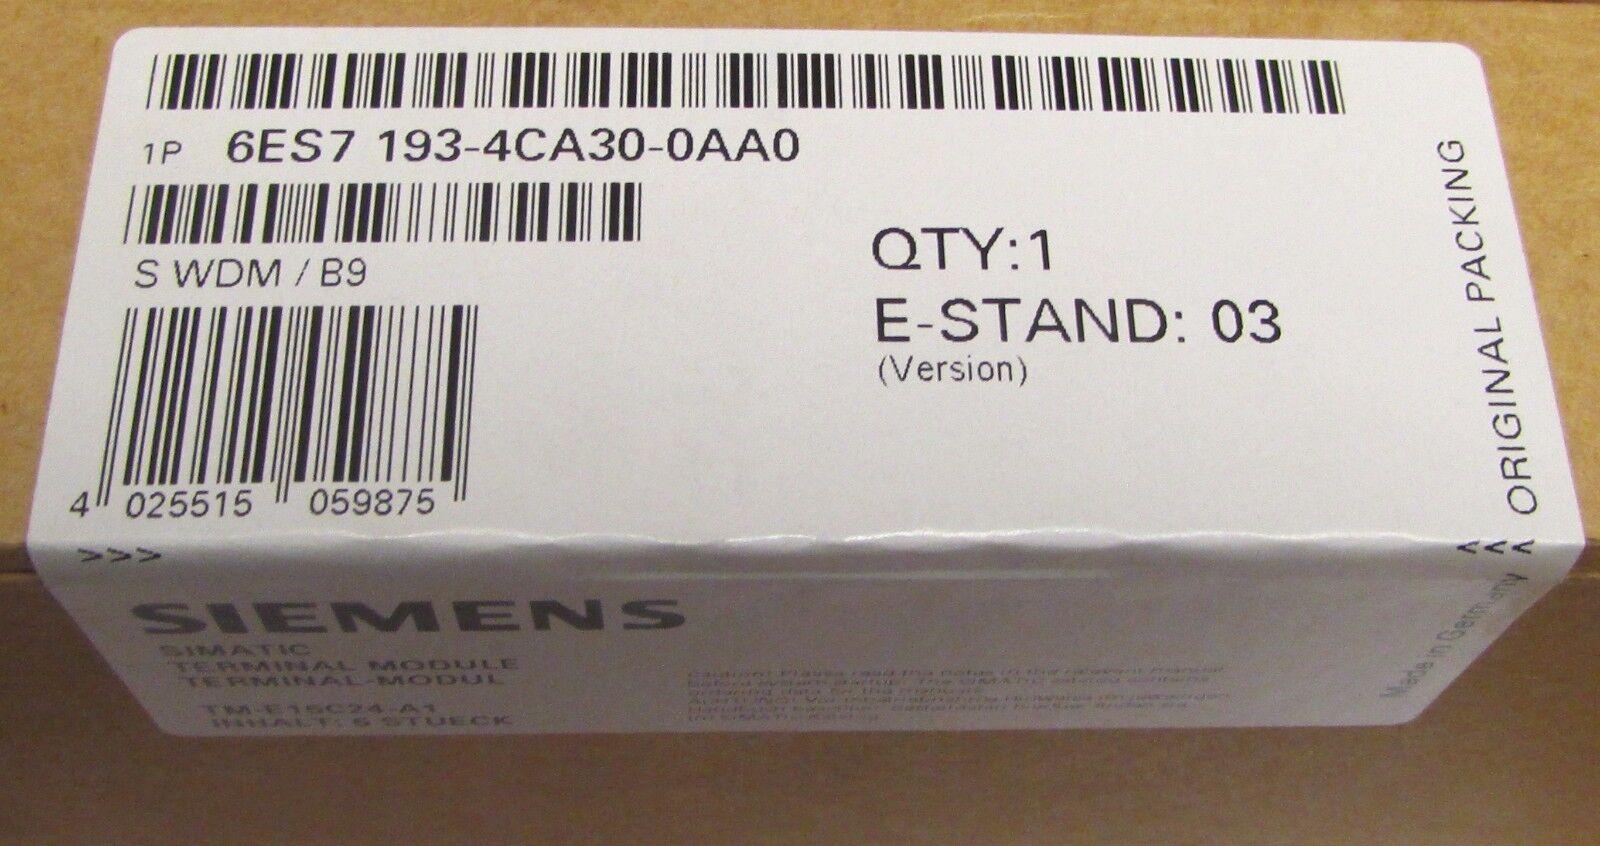 SIEMENS (Box of 5) Estand 03 Terminal Module 6ES7 193 4CA30 0AA0 SEALED BOX